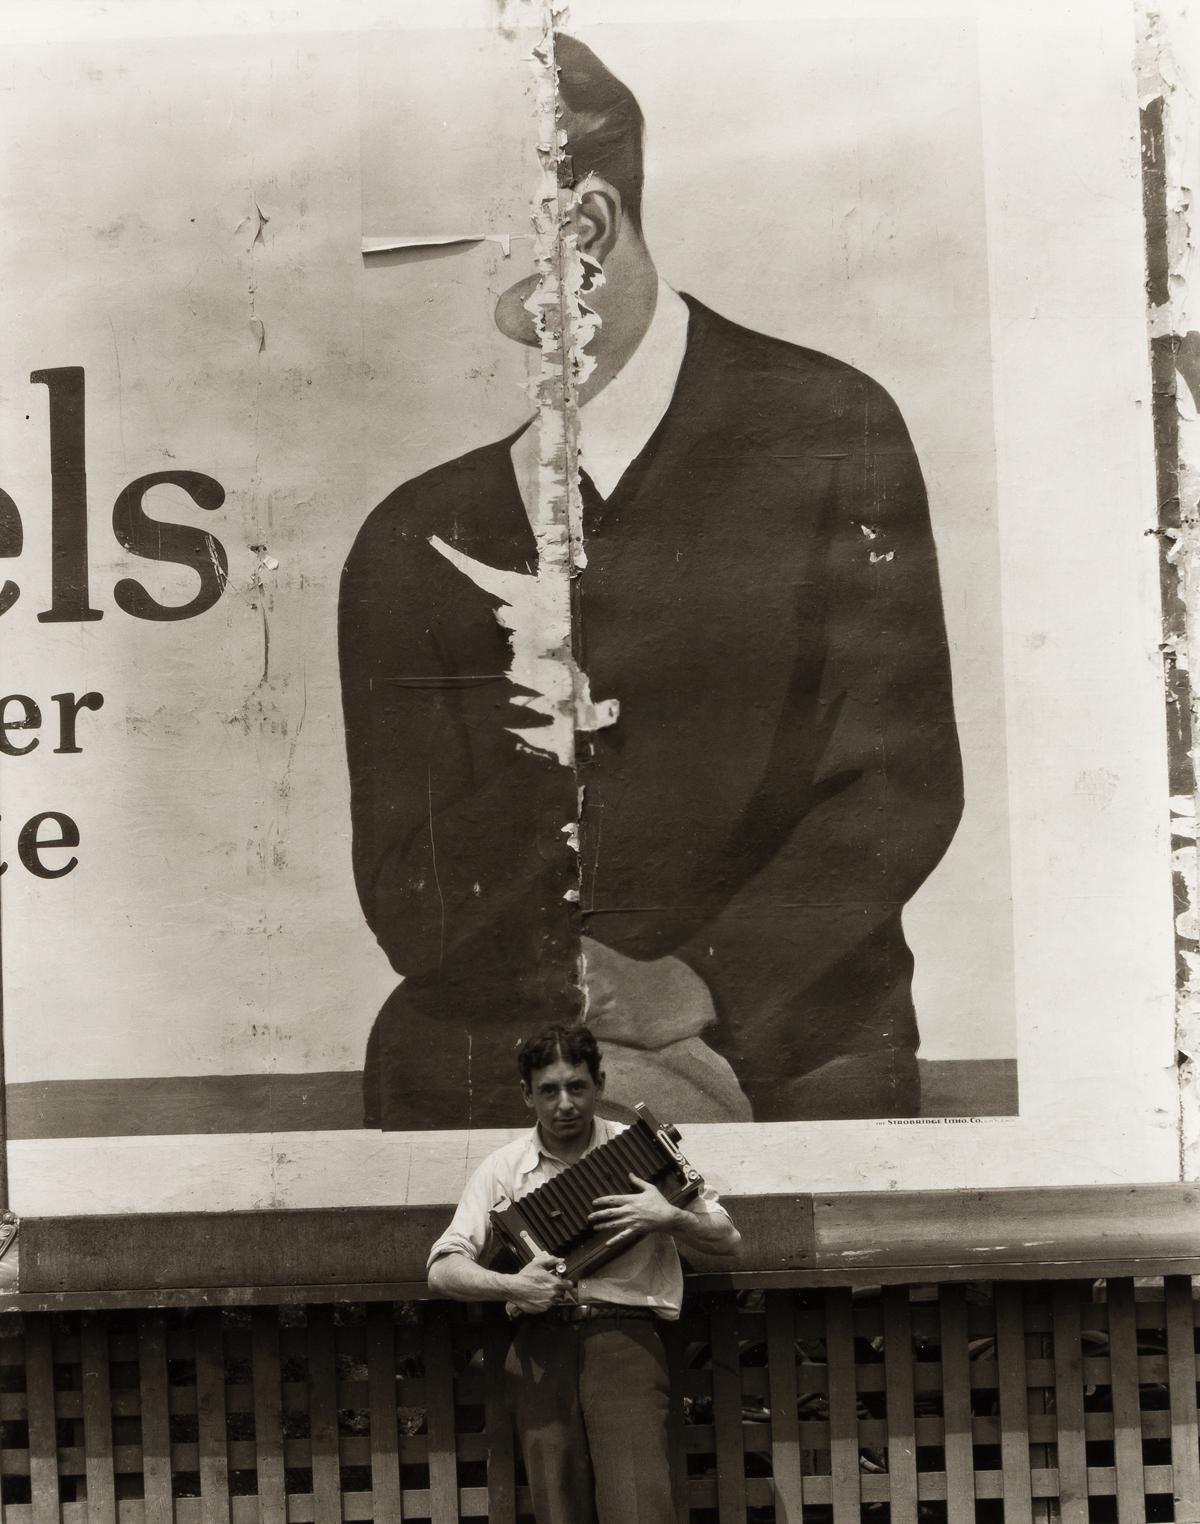 RALPH STEINER (1899-1986) Self-portrait.